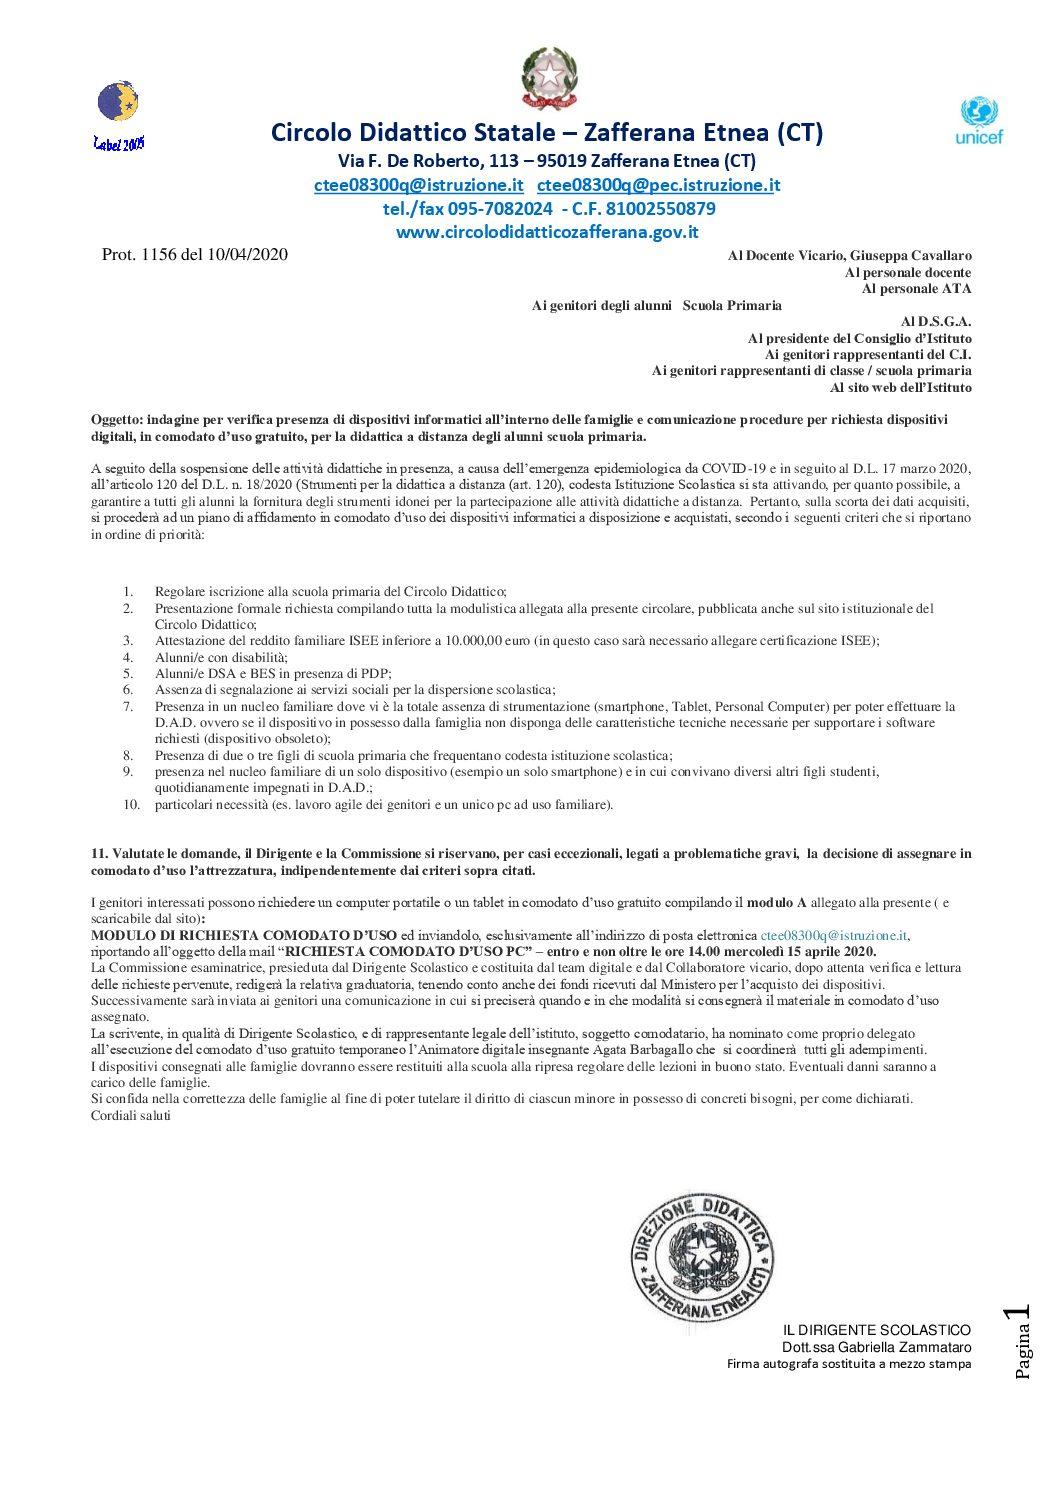 Circolare 23/2020 – indagine per verifica presenza di dispositivi informatici all'interno delle famiglie e comunicazione procedure per richiesta dispositivi digitali, in comodato d'uso gratuito, per l